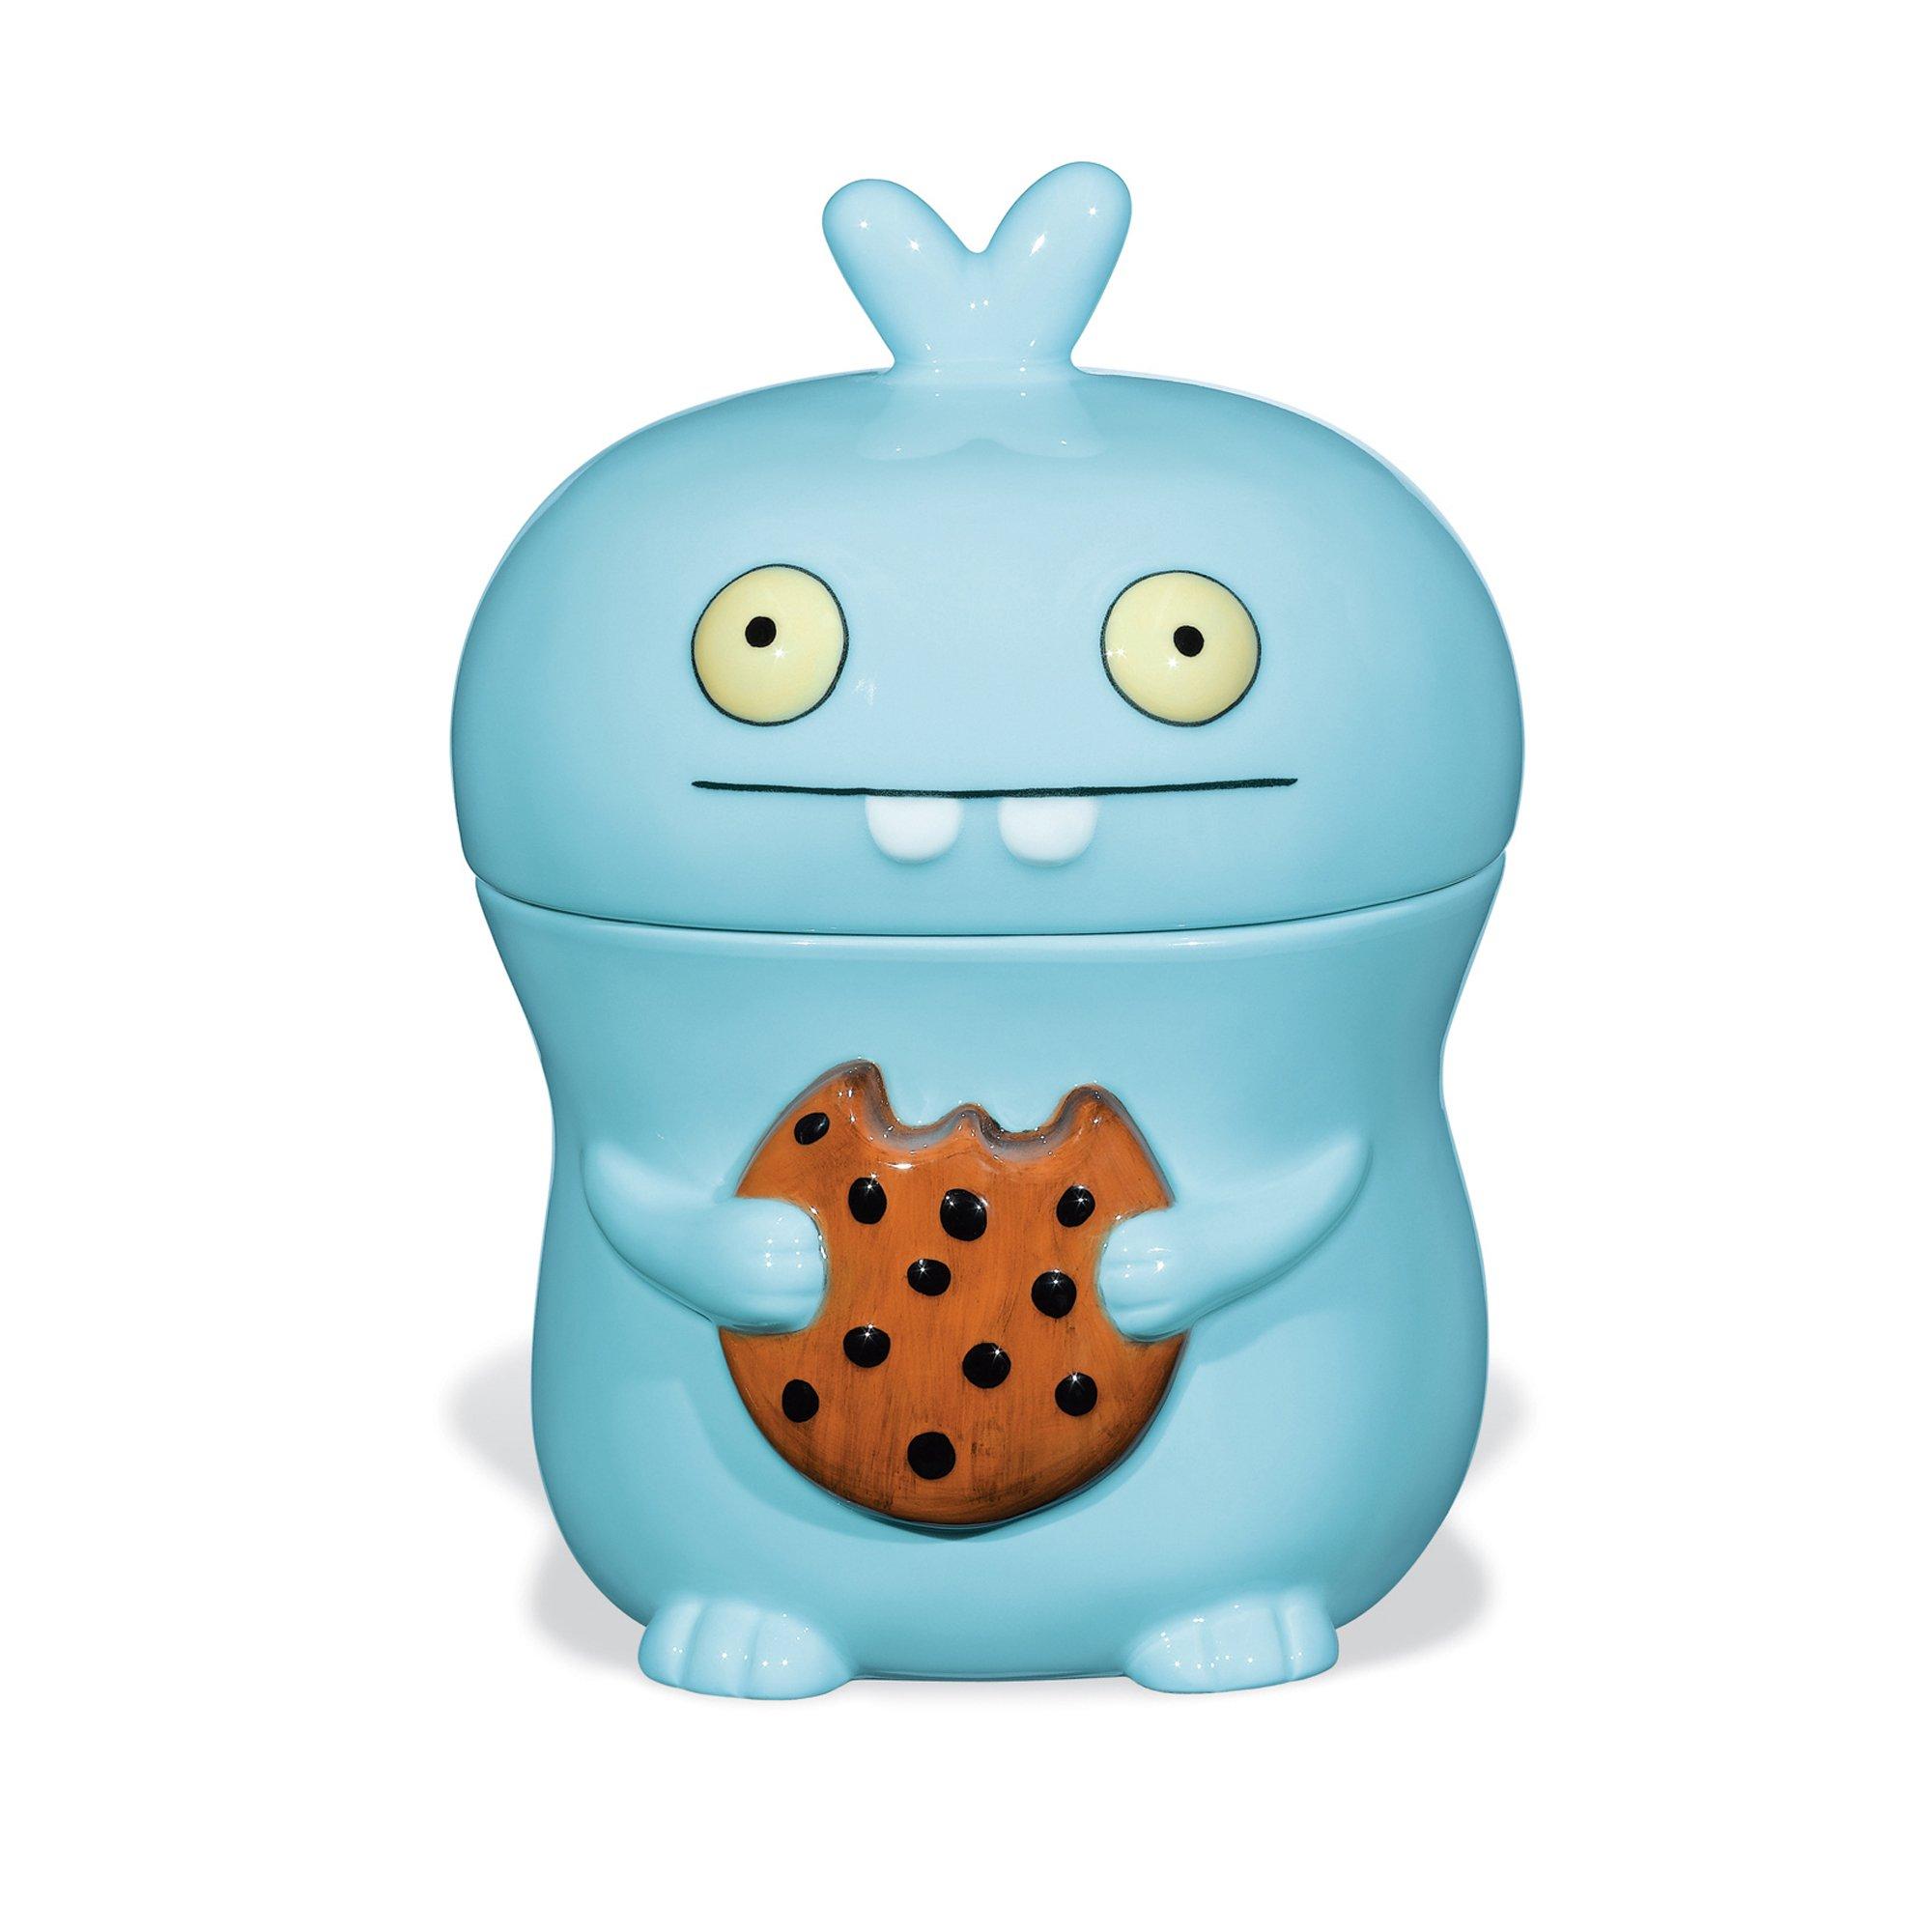 Uglydoll Babo Ceramic Cookie Jar by Uglydoll